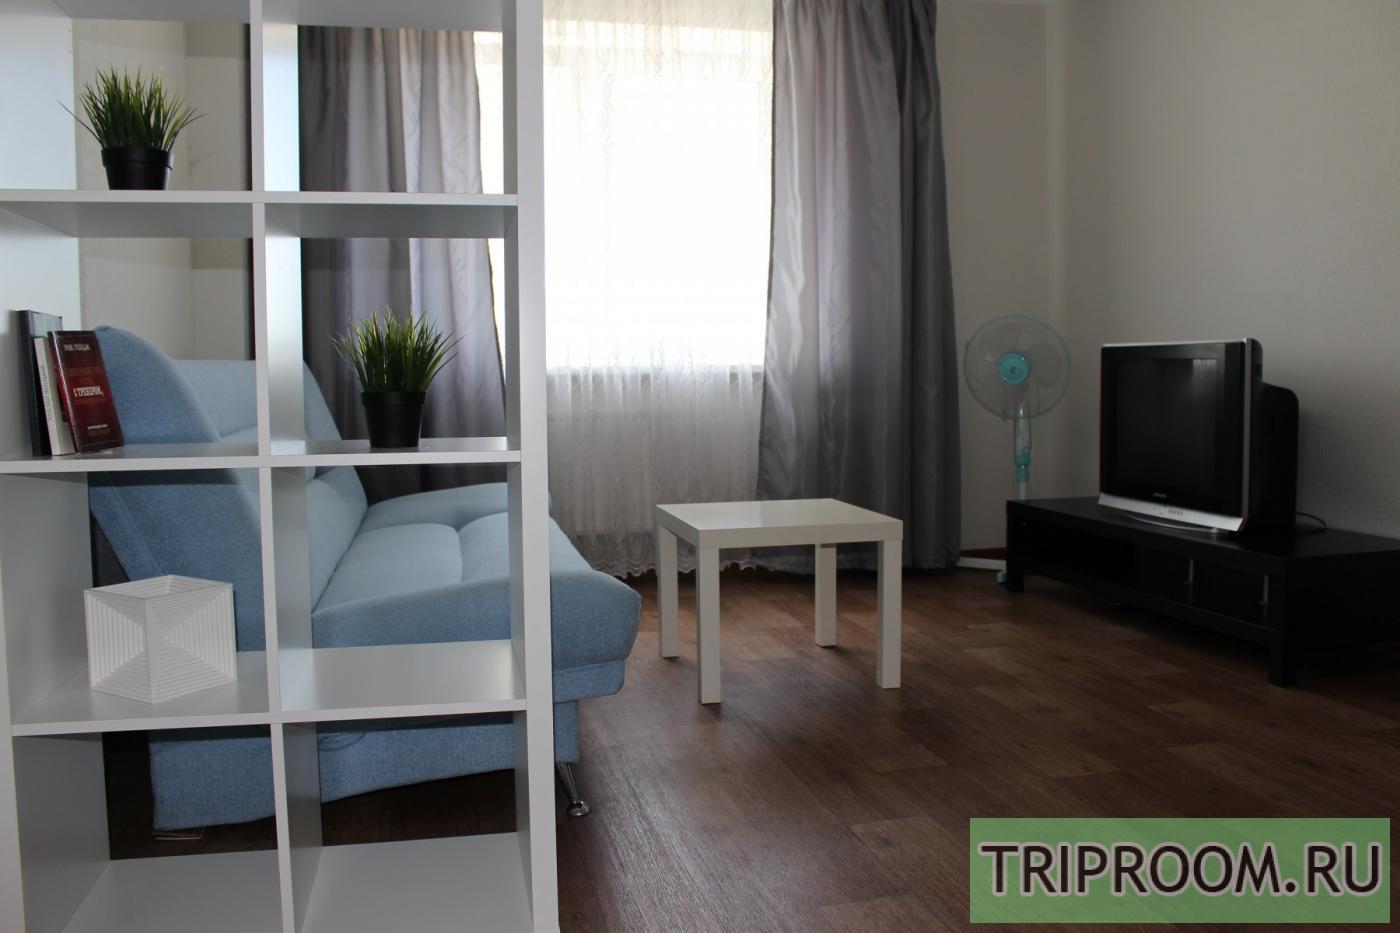 1-комнатная квартира посуточно (вариант № 32508), ул. Крахмалева улица, фото № 10